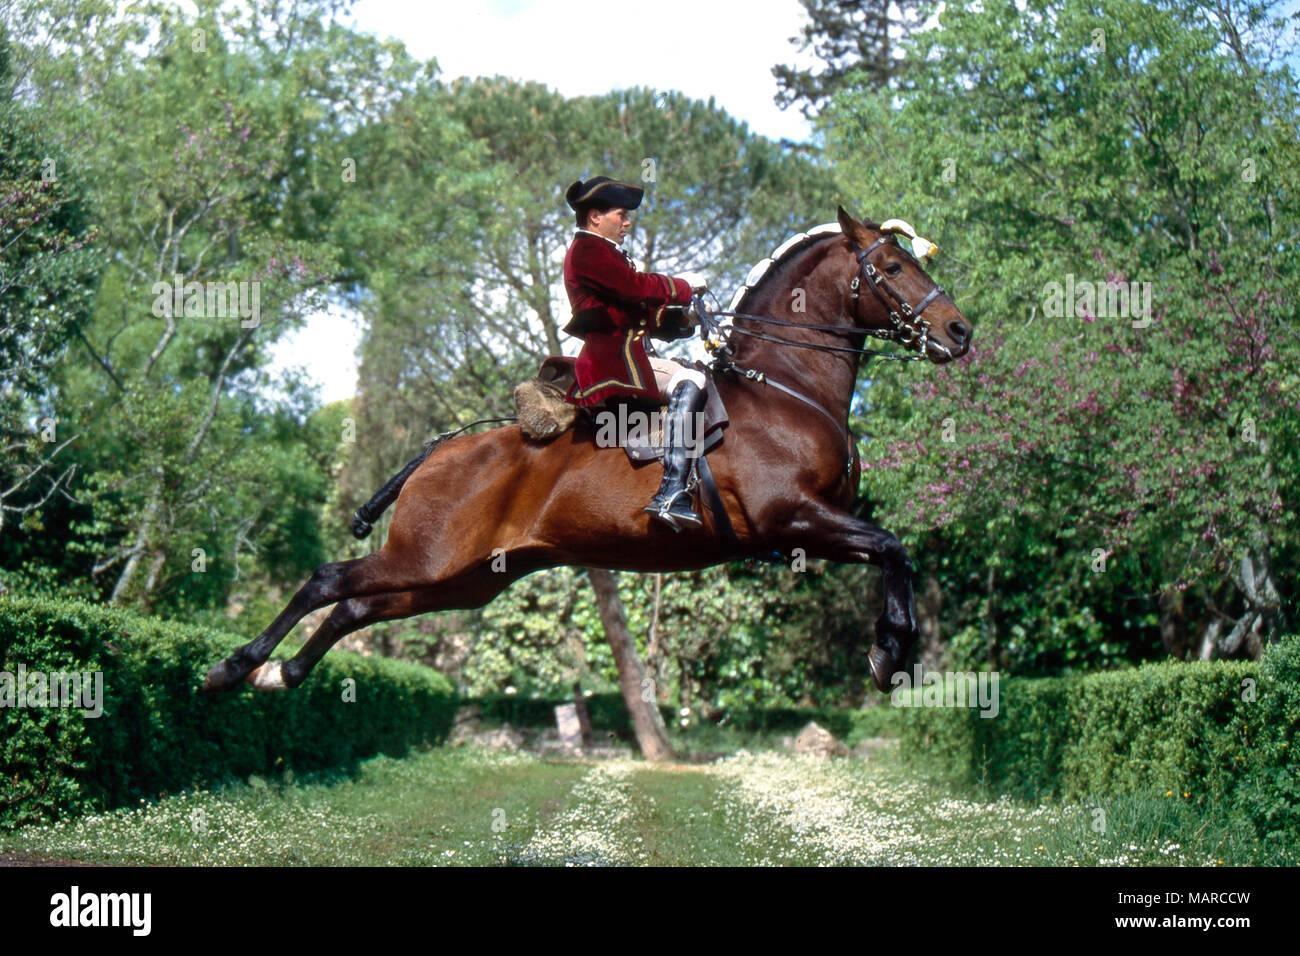 Alter Real. Bay adulto con rider realiza una capriole. Portugal Imagen De Stock